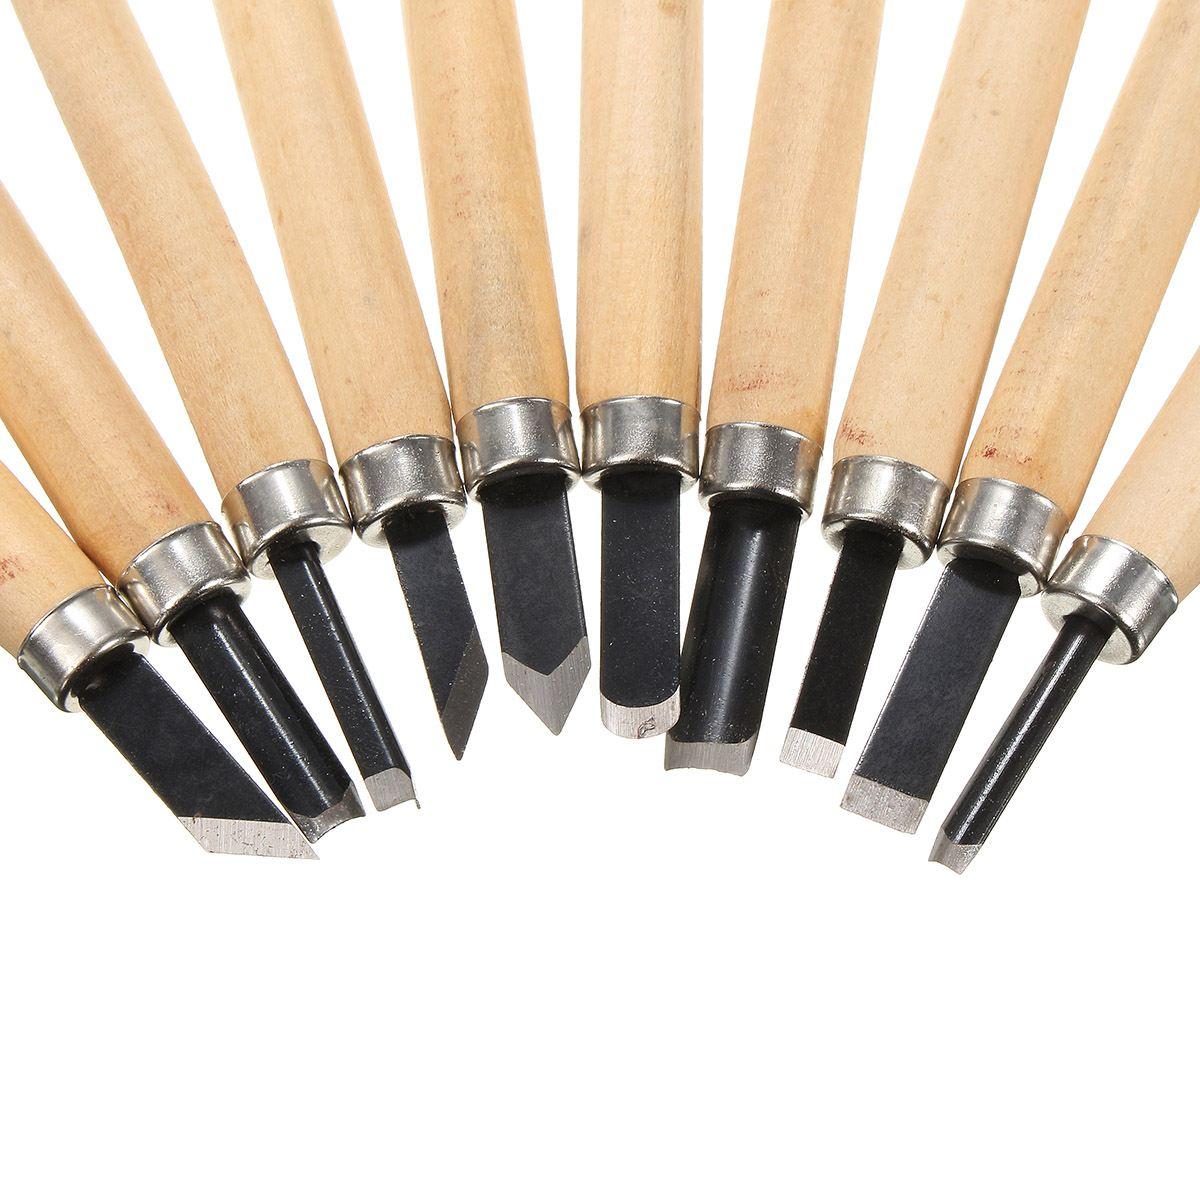 Резцы по дереву для ручной работы: виды и изготовление | строительство. деревянные и др. материалы